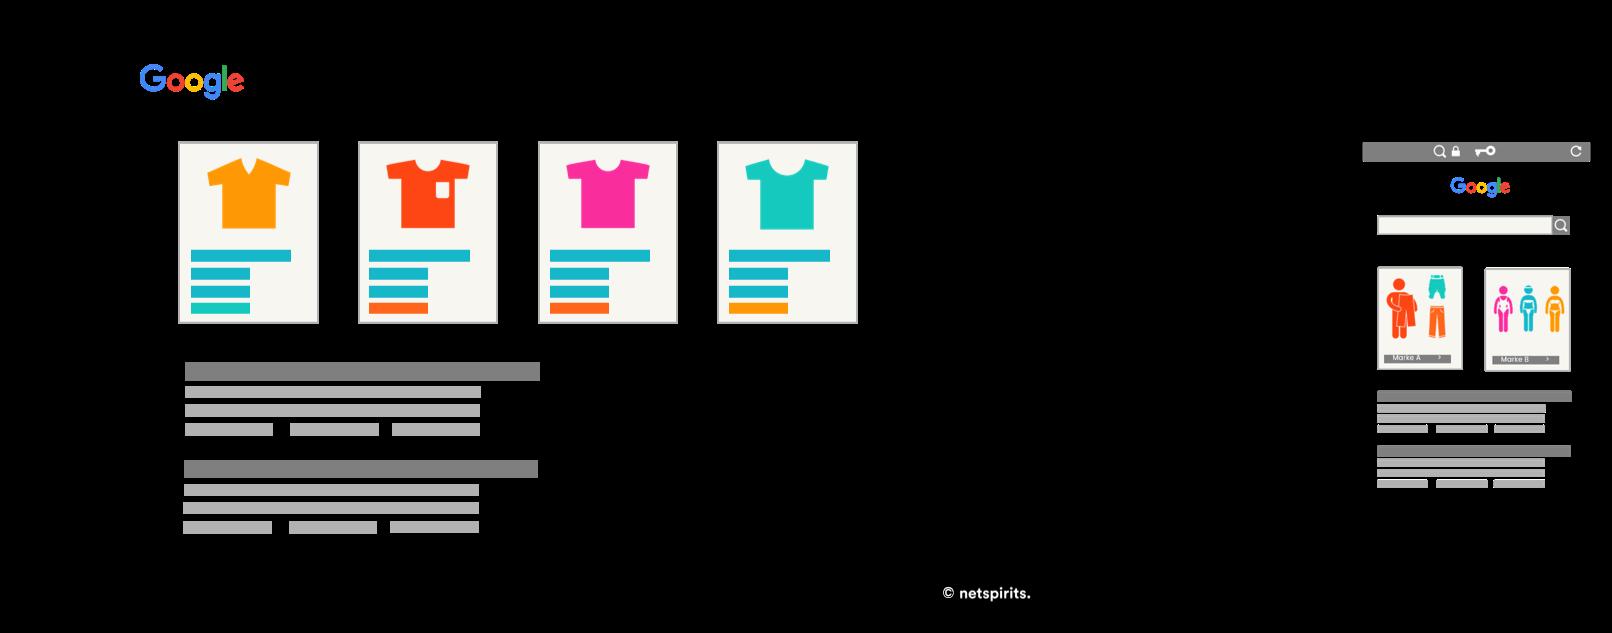 Google-Shopping-Anzeigen in der mobilen oder Desktop-Suche